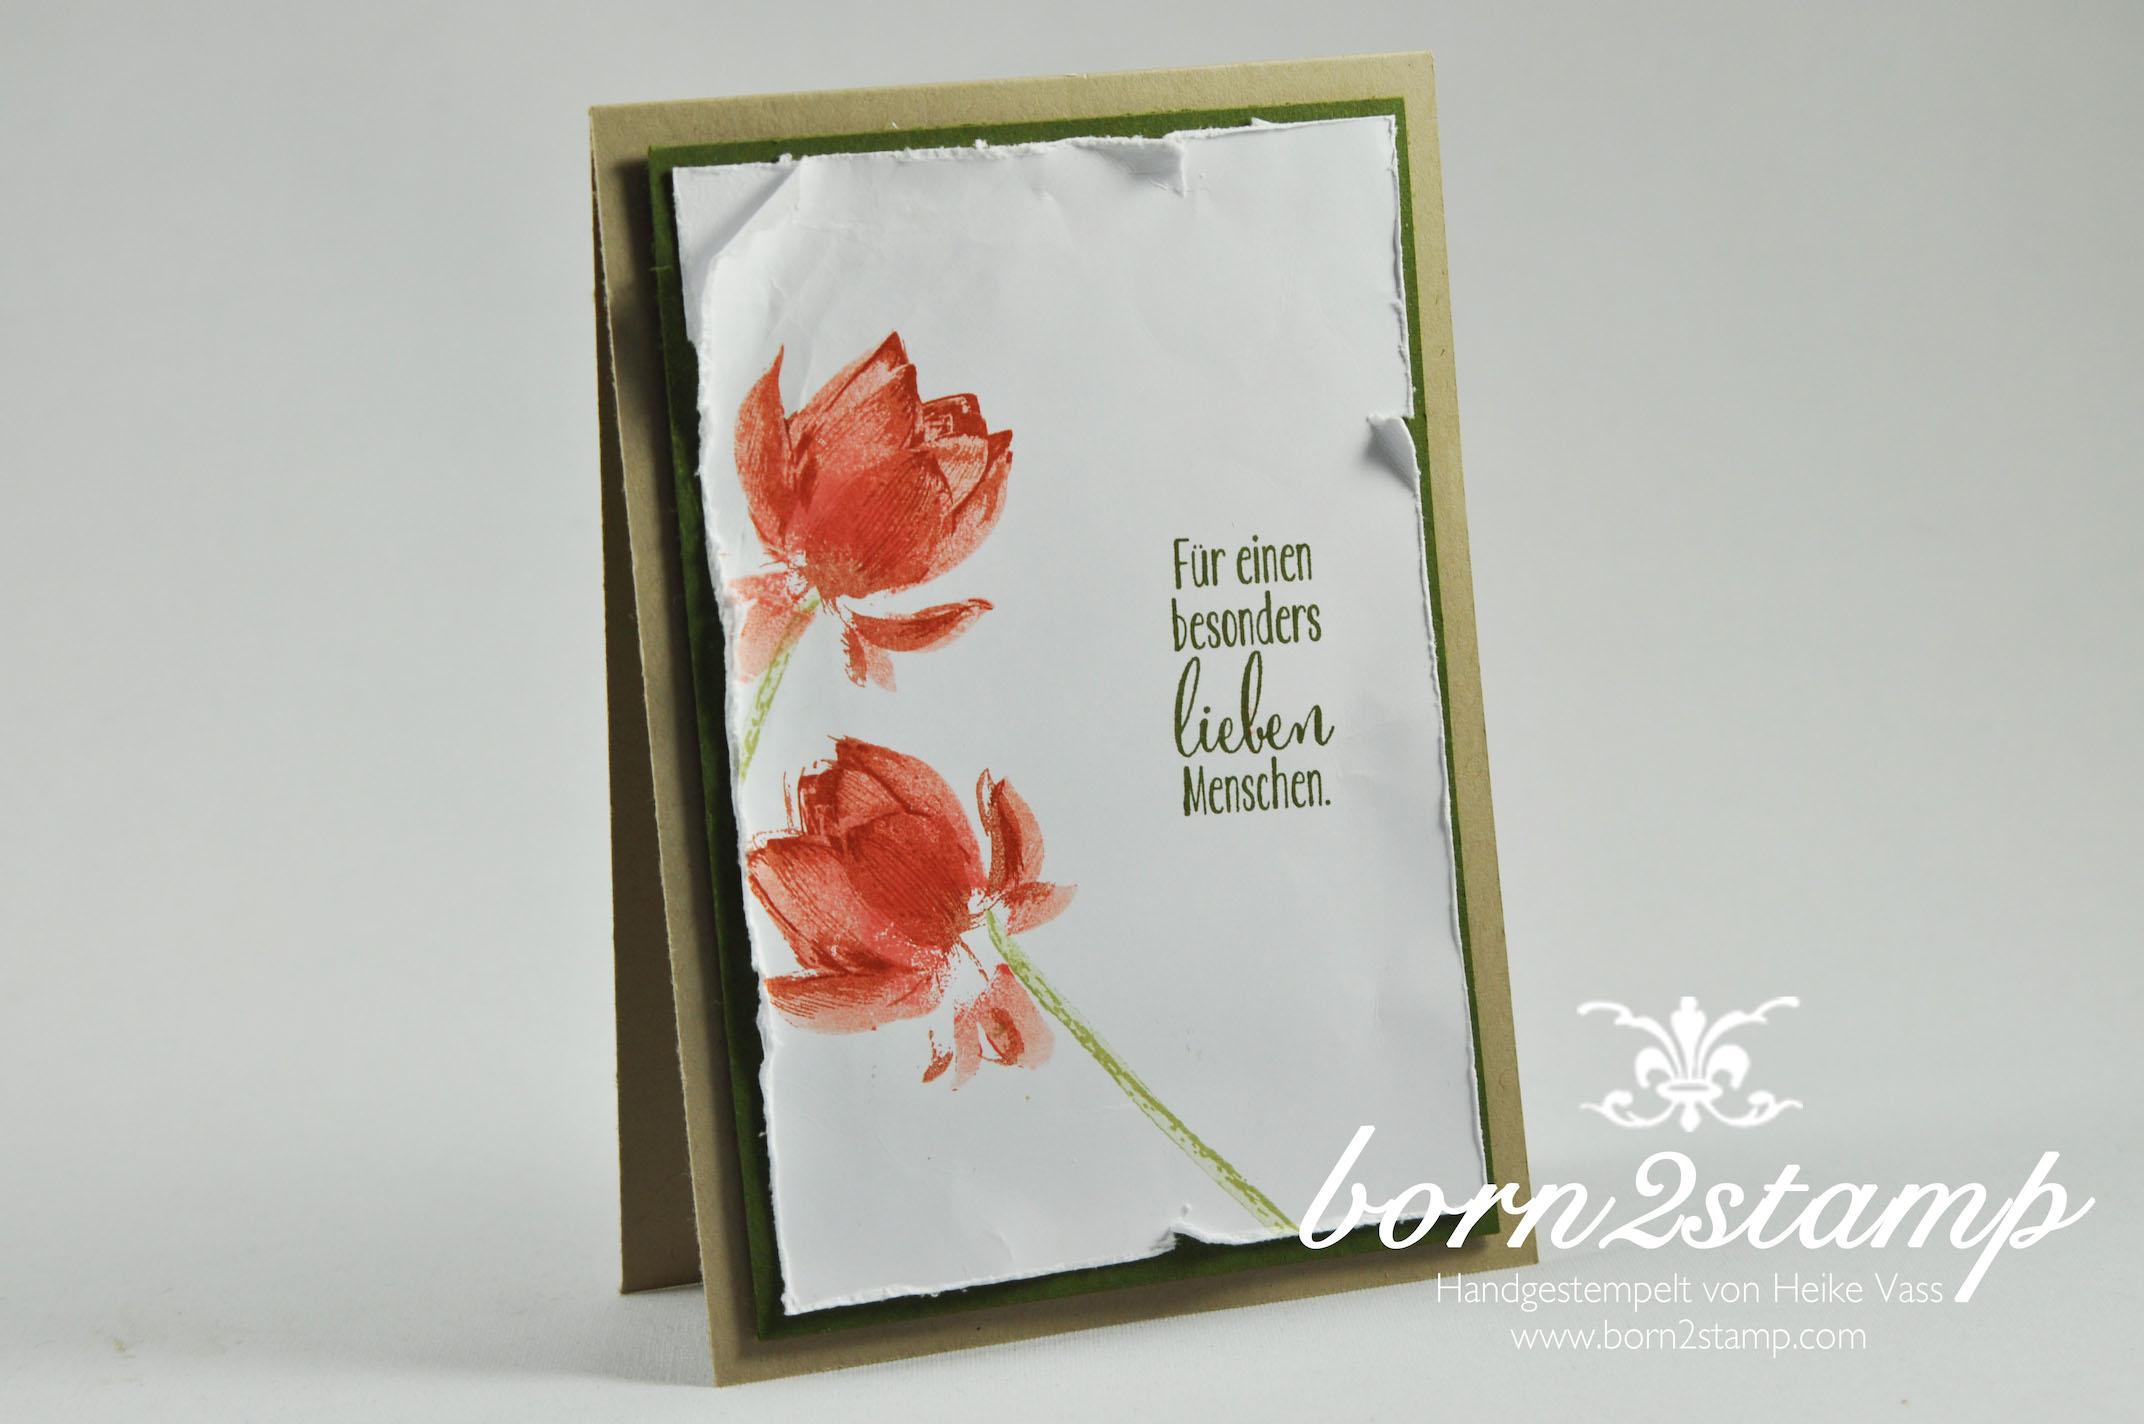 Für einen besonders lieben Menschen... - born2stamp - Heike Vass